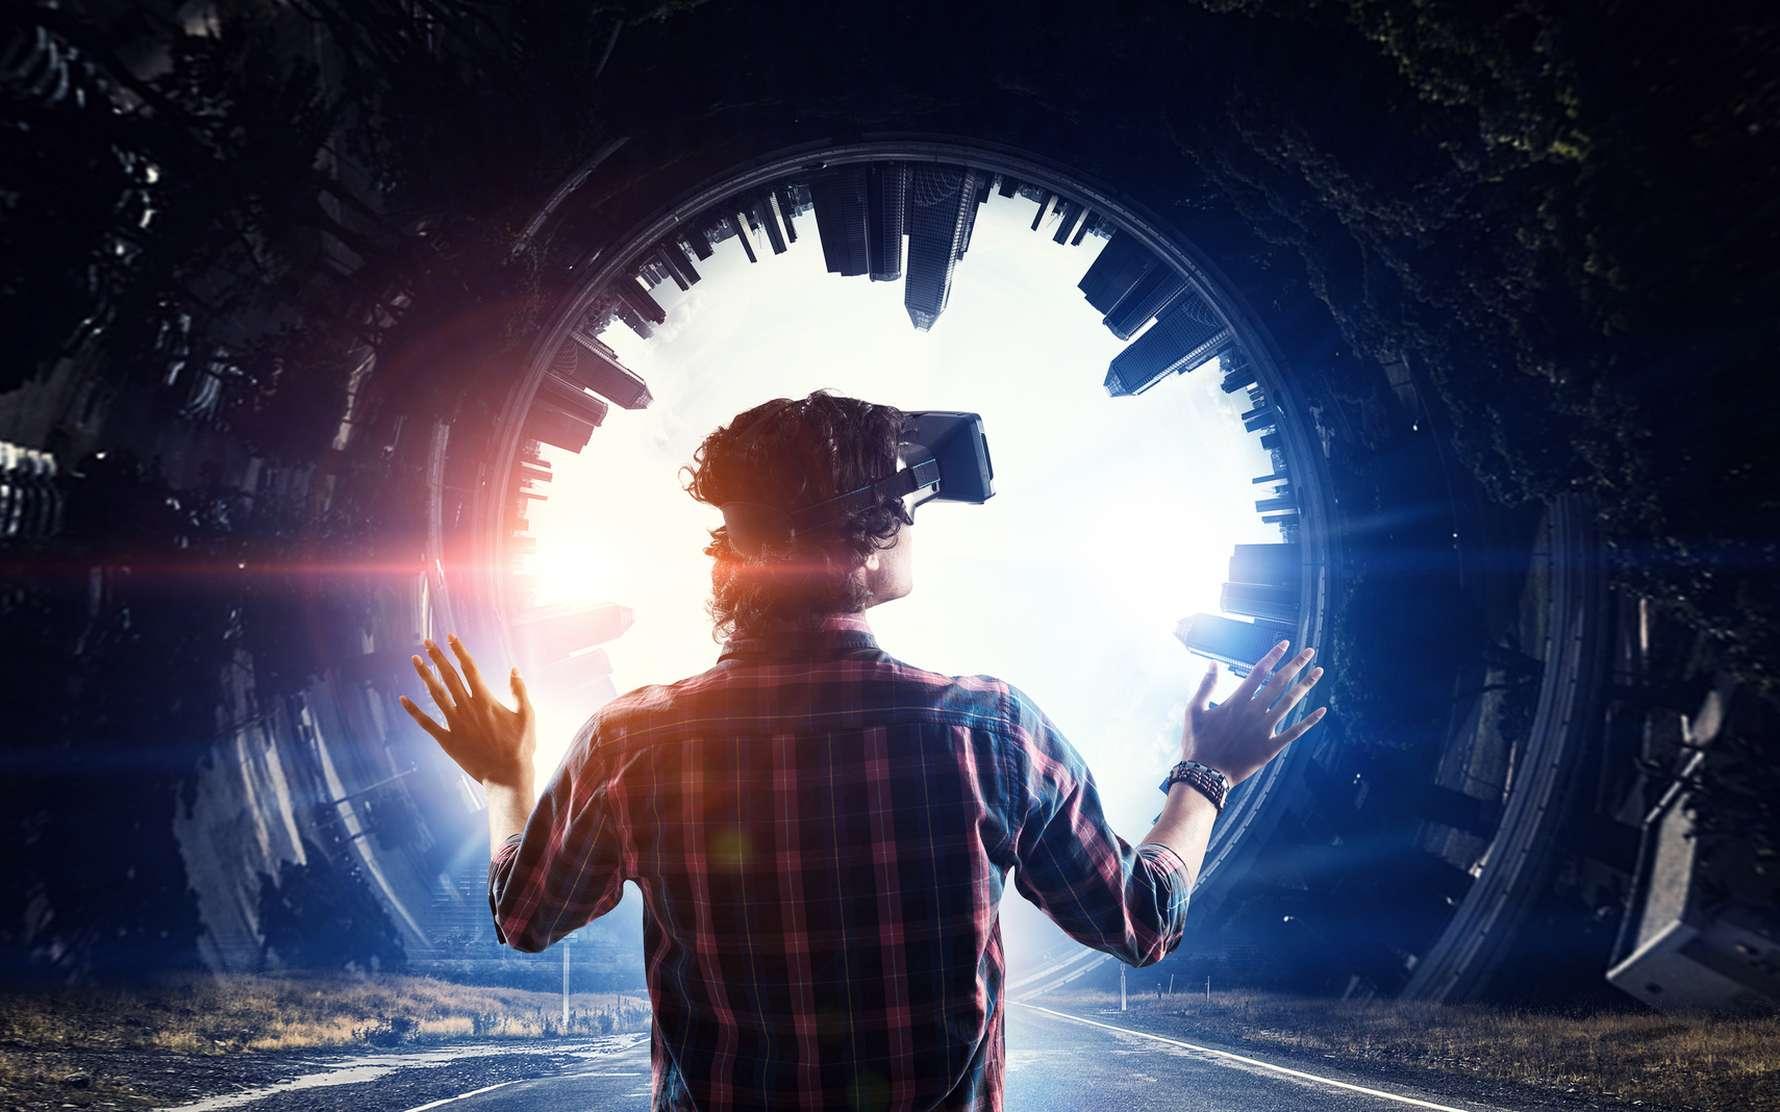 De nouveaux écrans OLED avec jusqu'à 10.000 ppp pourraient rendre la réalité virtuelle beaucoup plus réaliste. © Sergey Nivens, fotolia